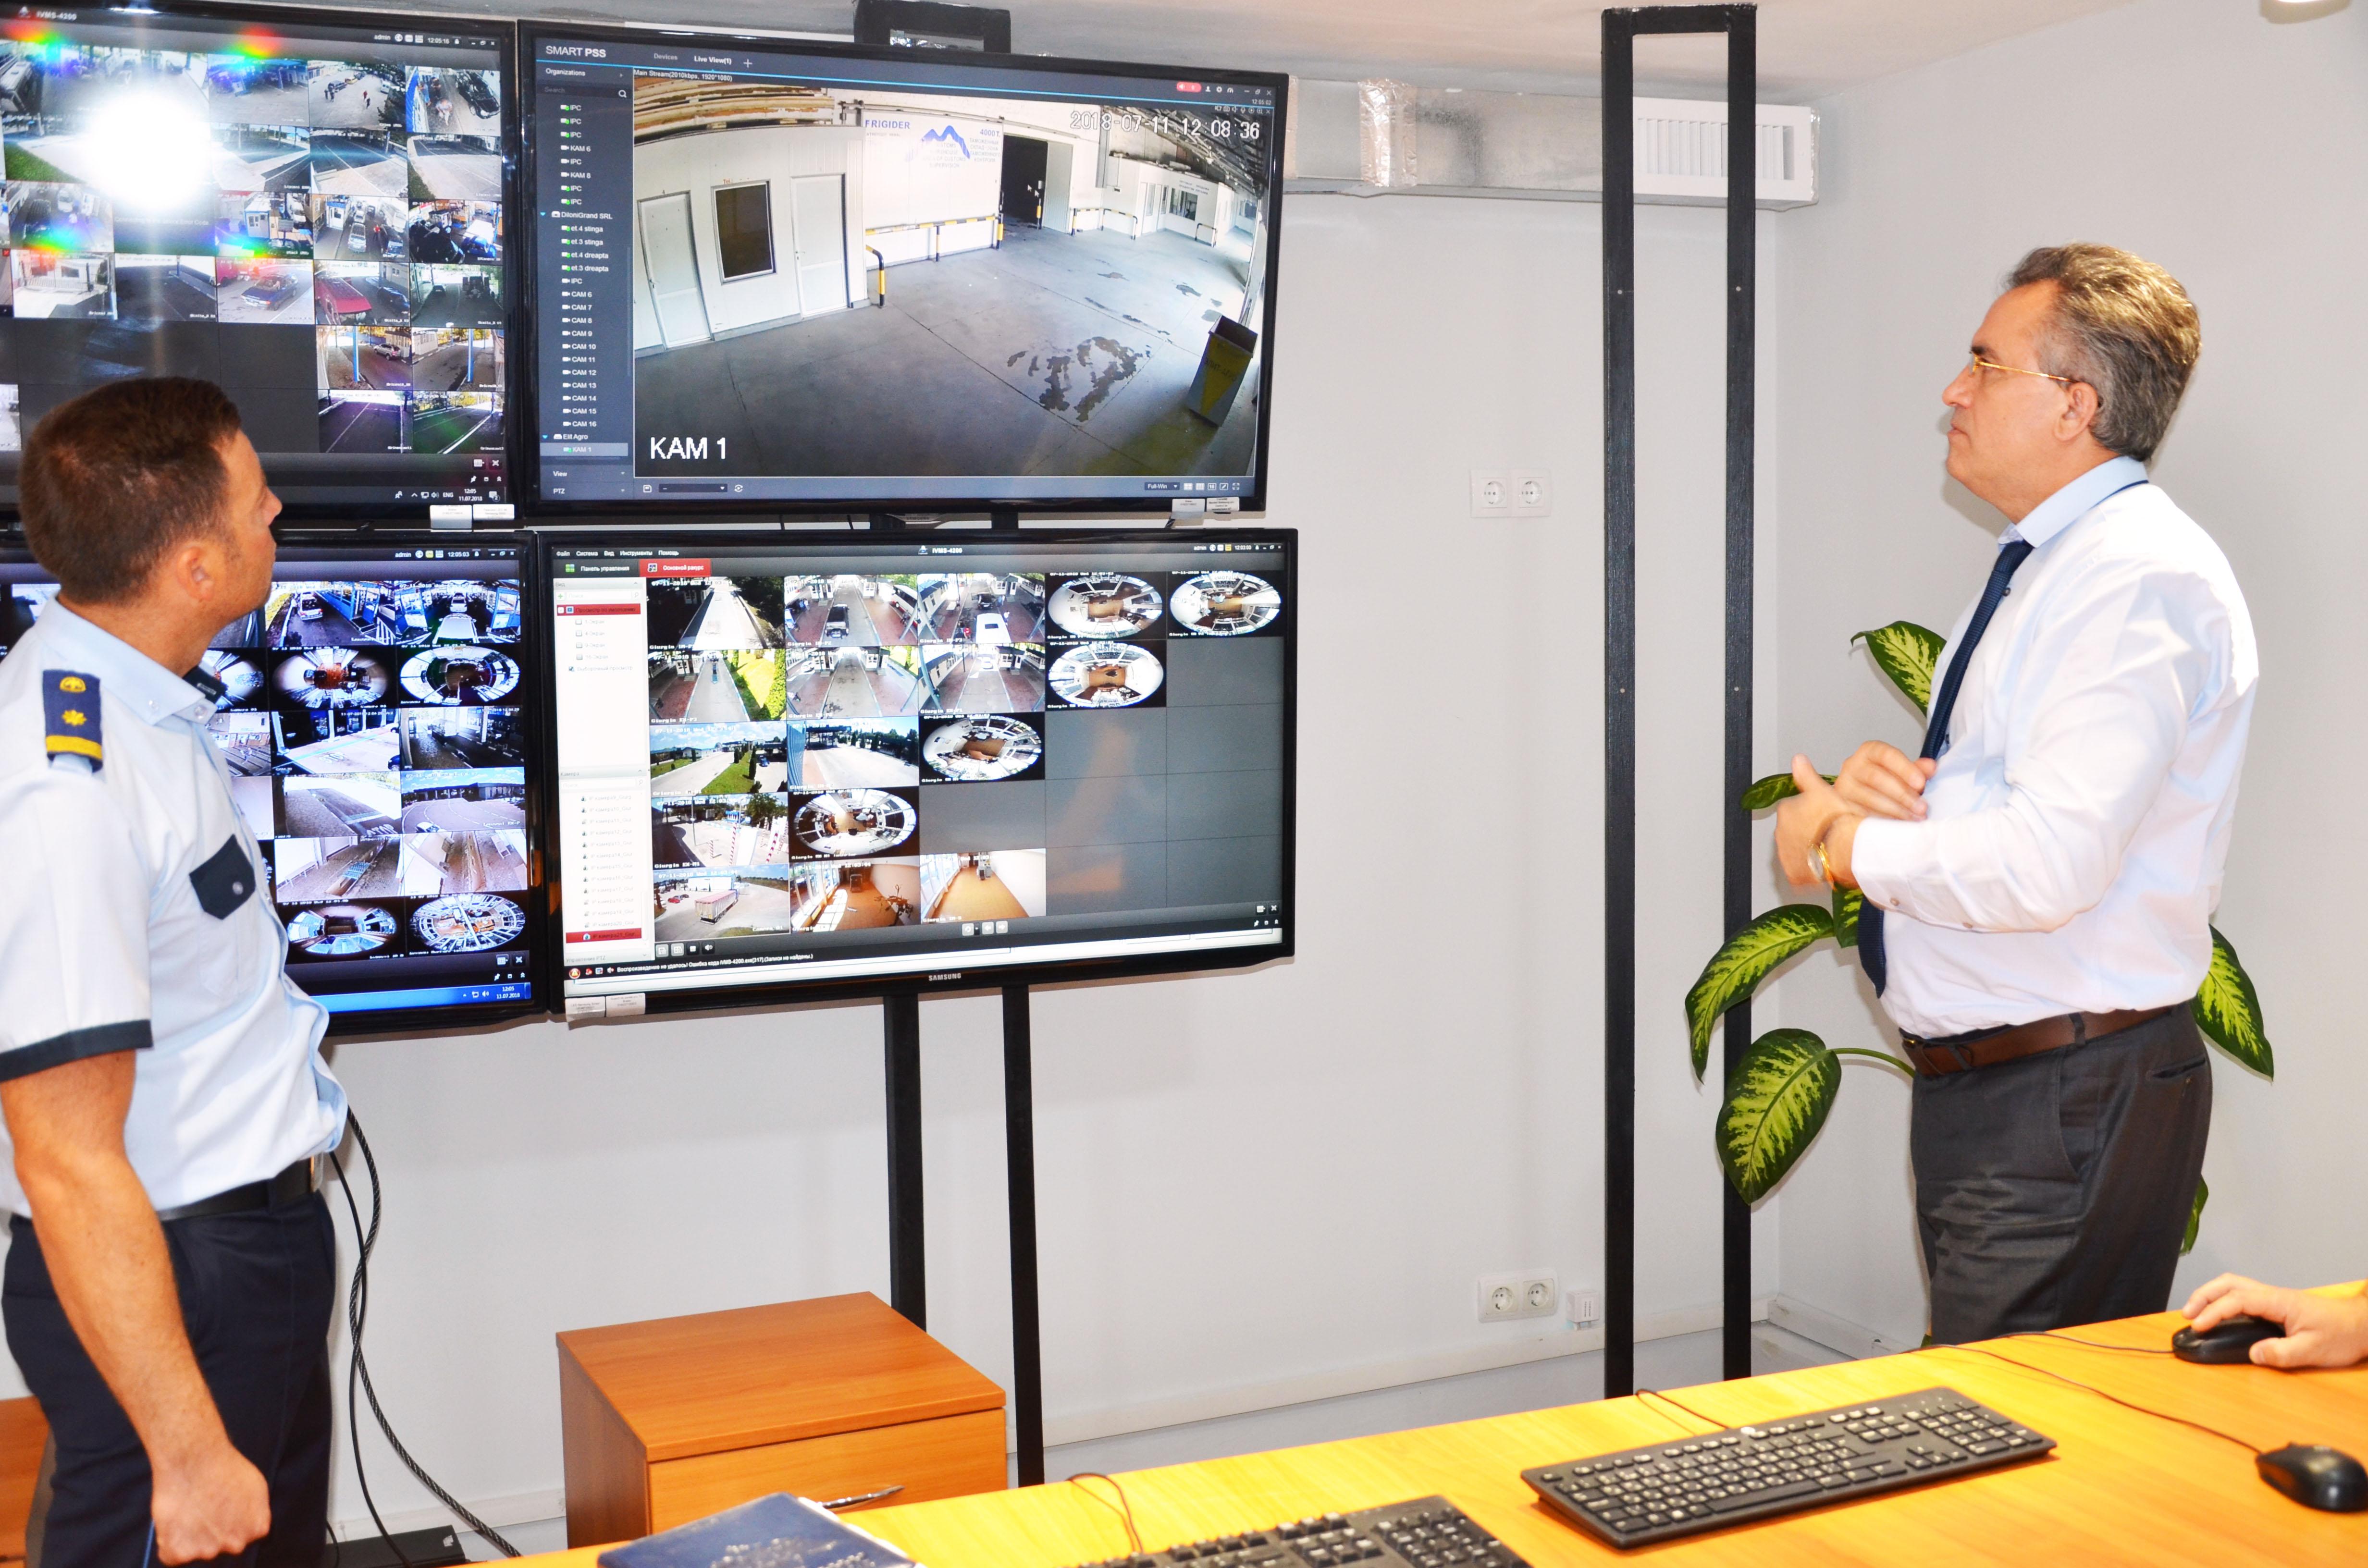 340 de camere video noi pentru zonele de control vamal